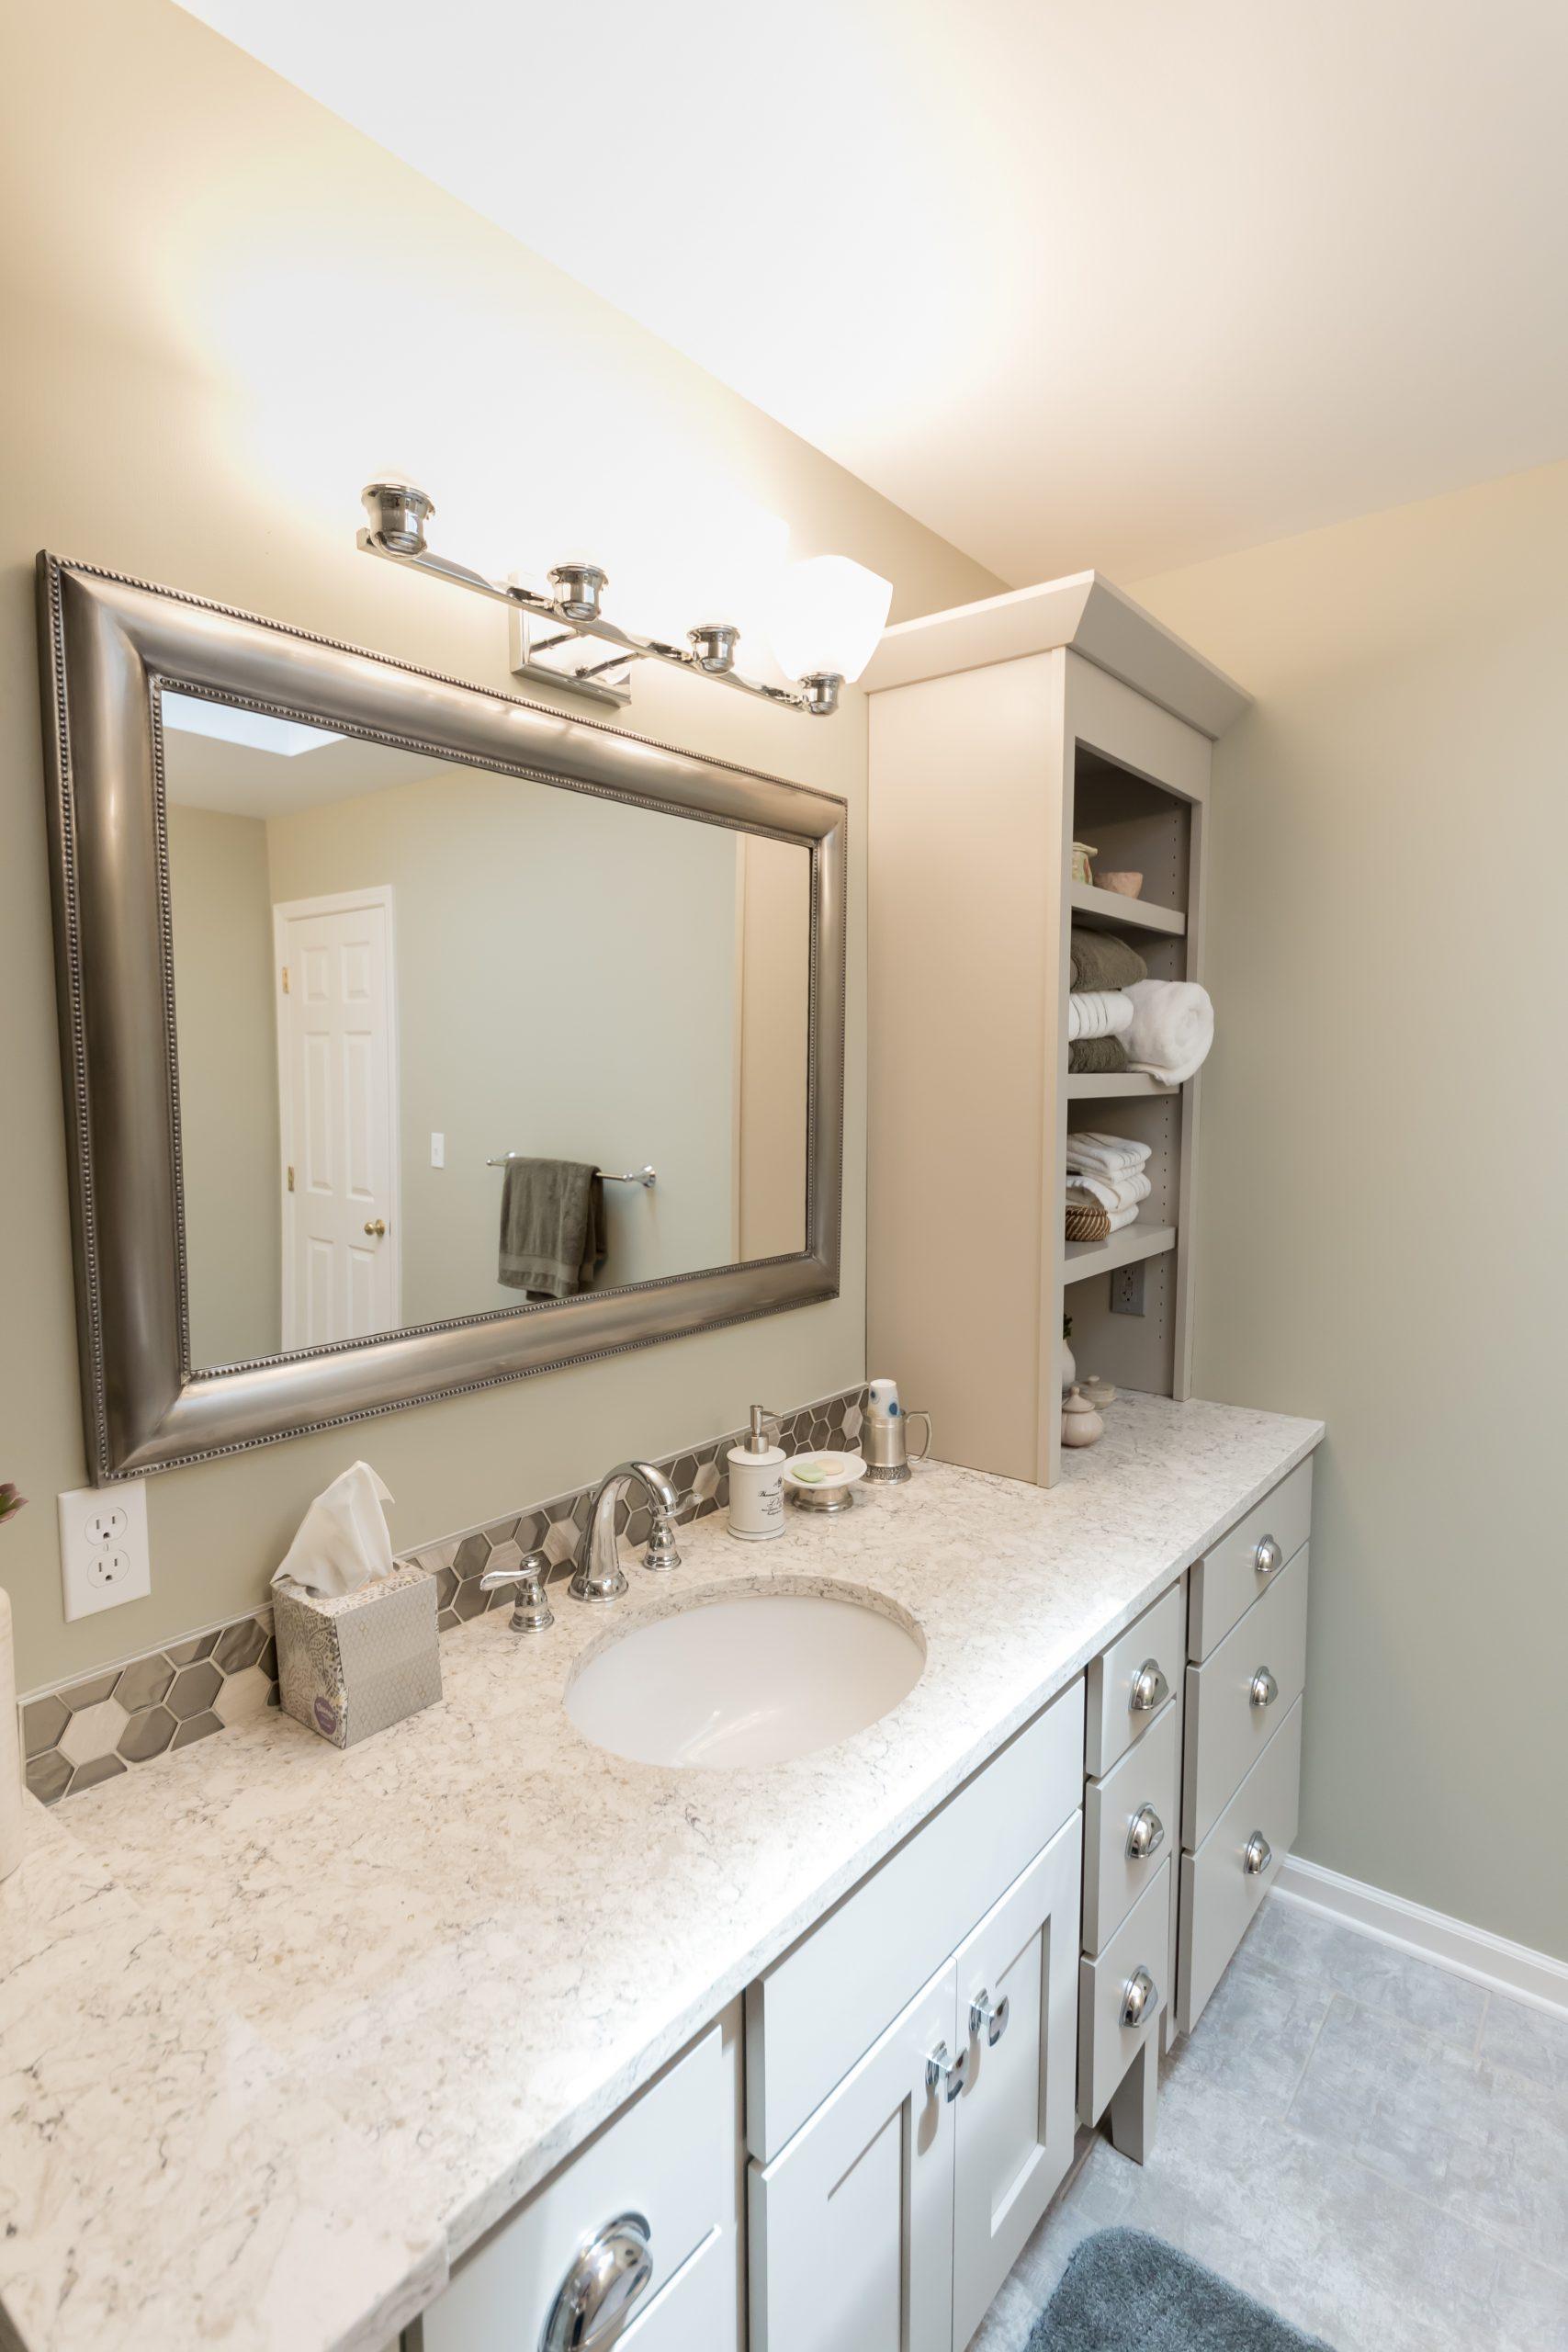 Modern Custom Bathroom Remodel in West Michigan